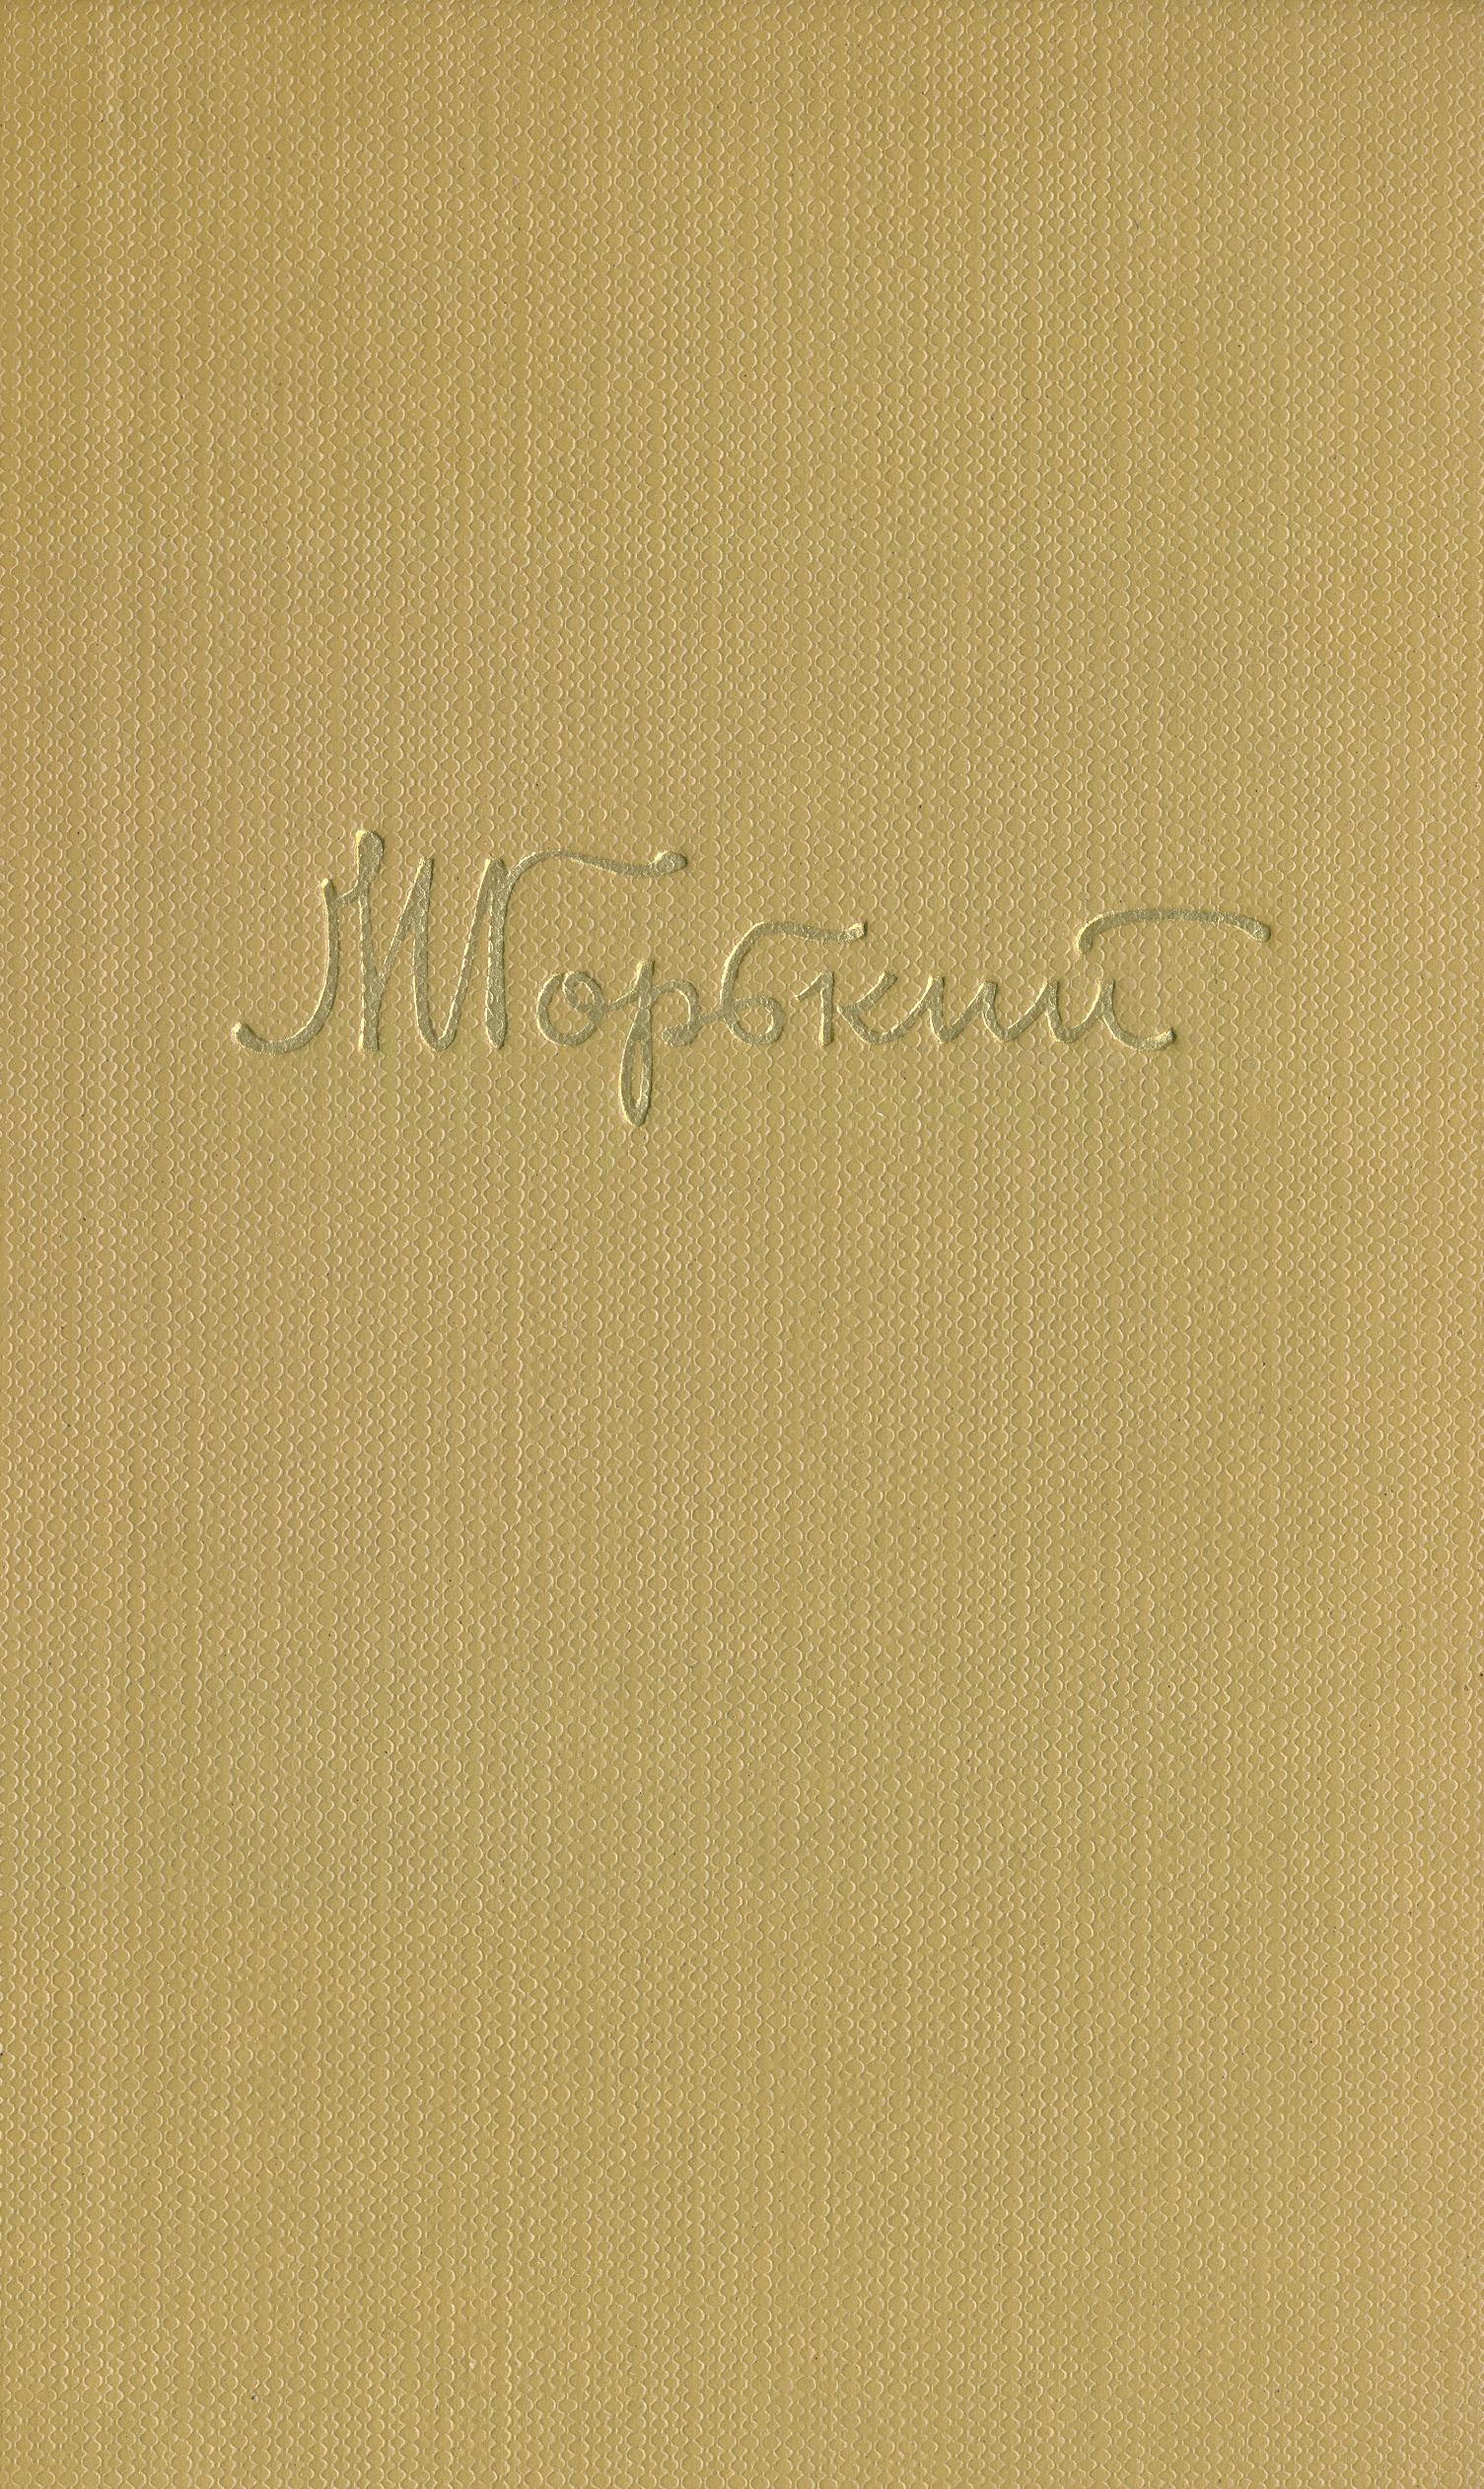 М. Горький. Собрание сочинений в 18 томах. Том 14